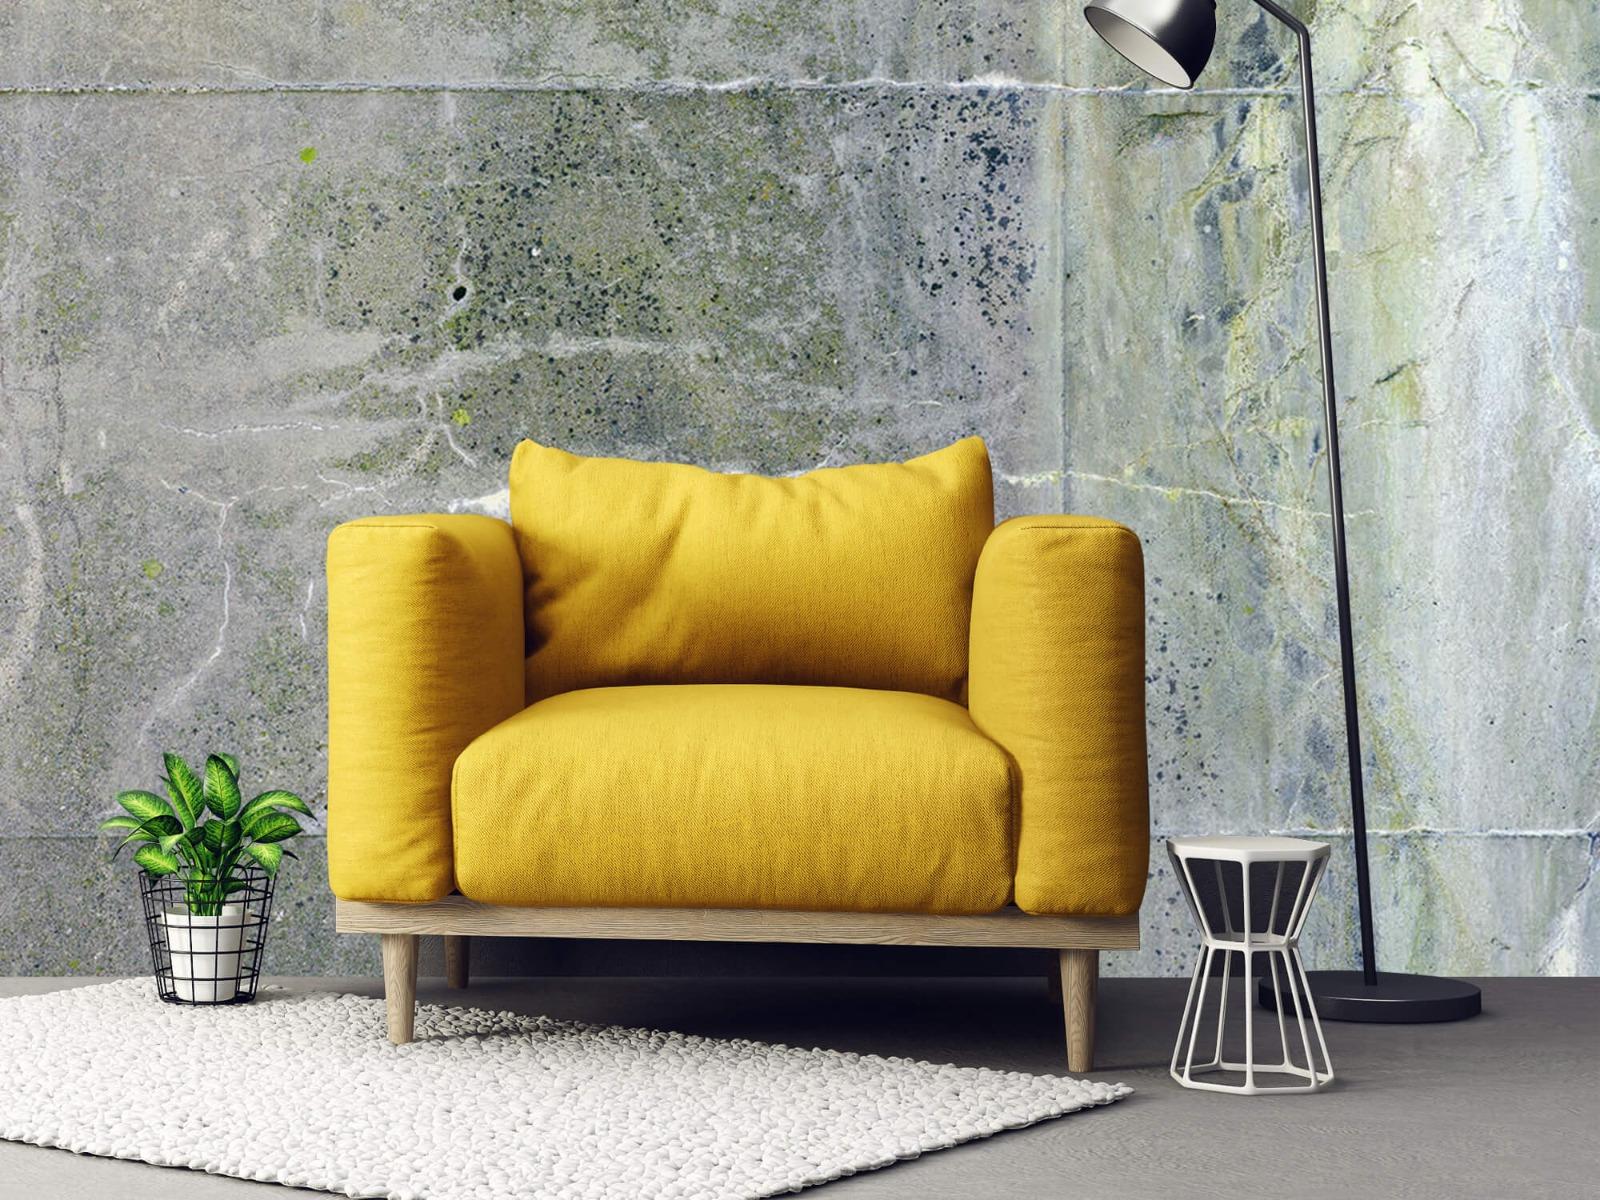 Betonlook behang - Verweerd beton - Wallexclusive - Tienerkamer 22